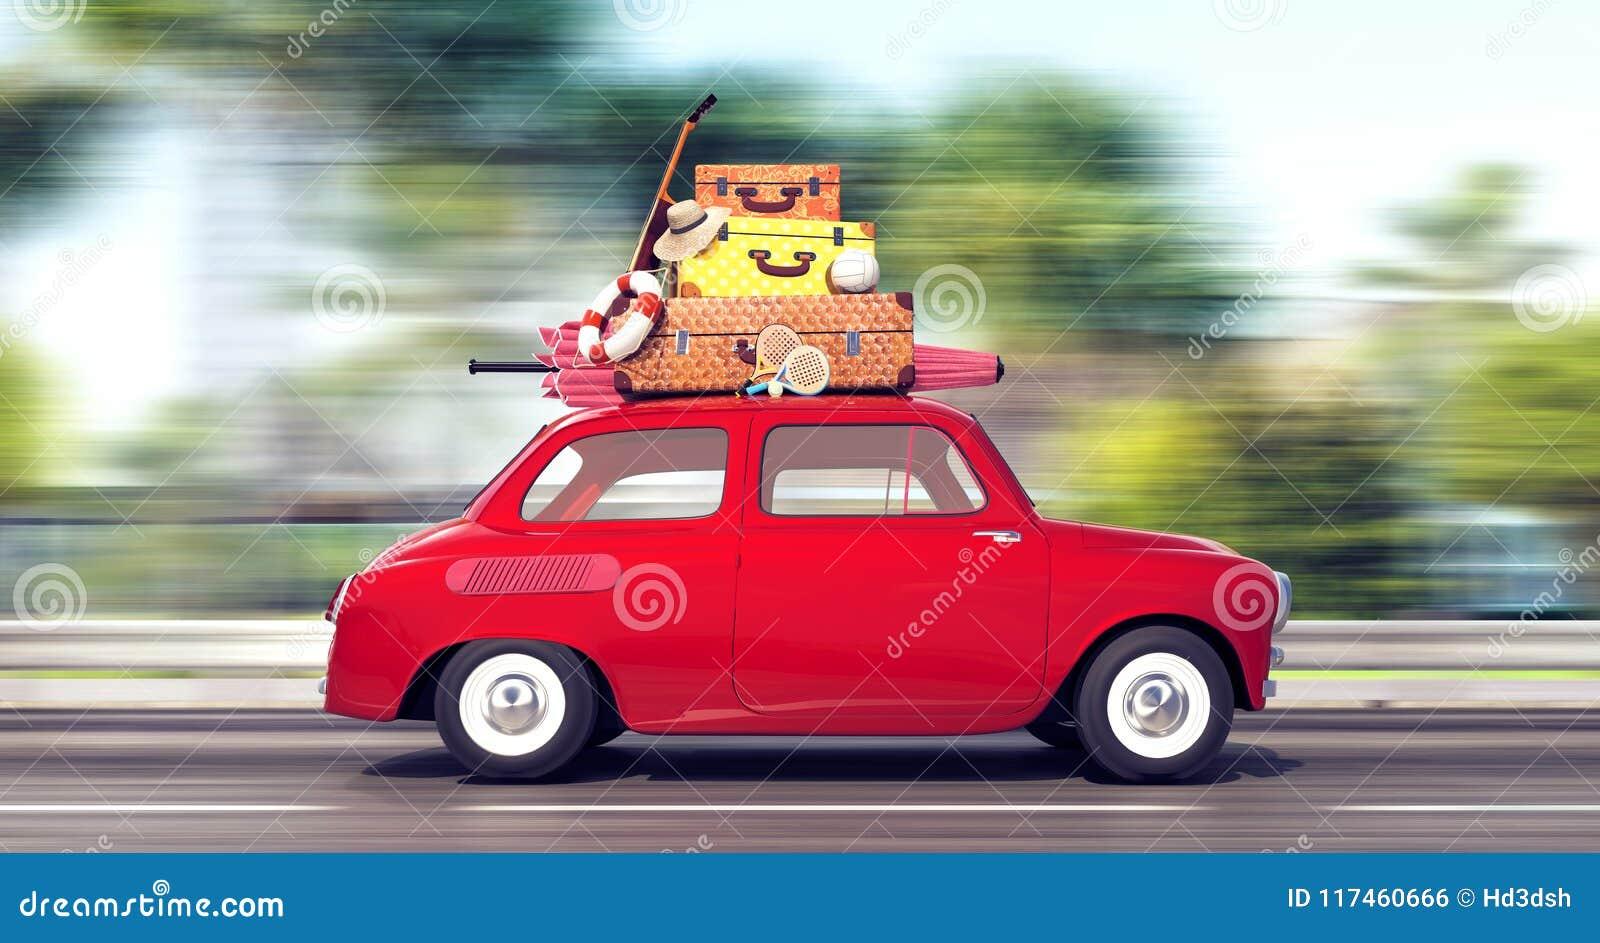 Ένα κόκκινο αυτοκίνητο με τις αποσκευές στη στέγη πηγαίνει γρήγορα στις διακοπές